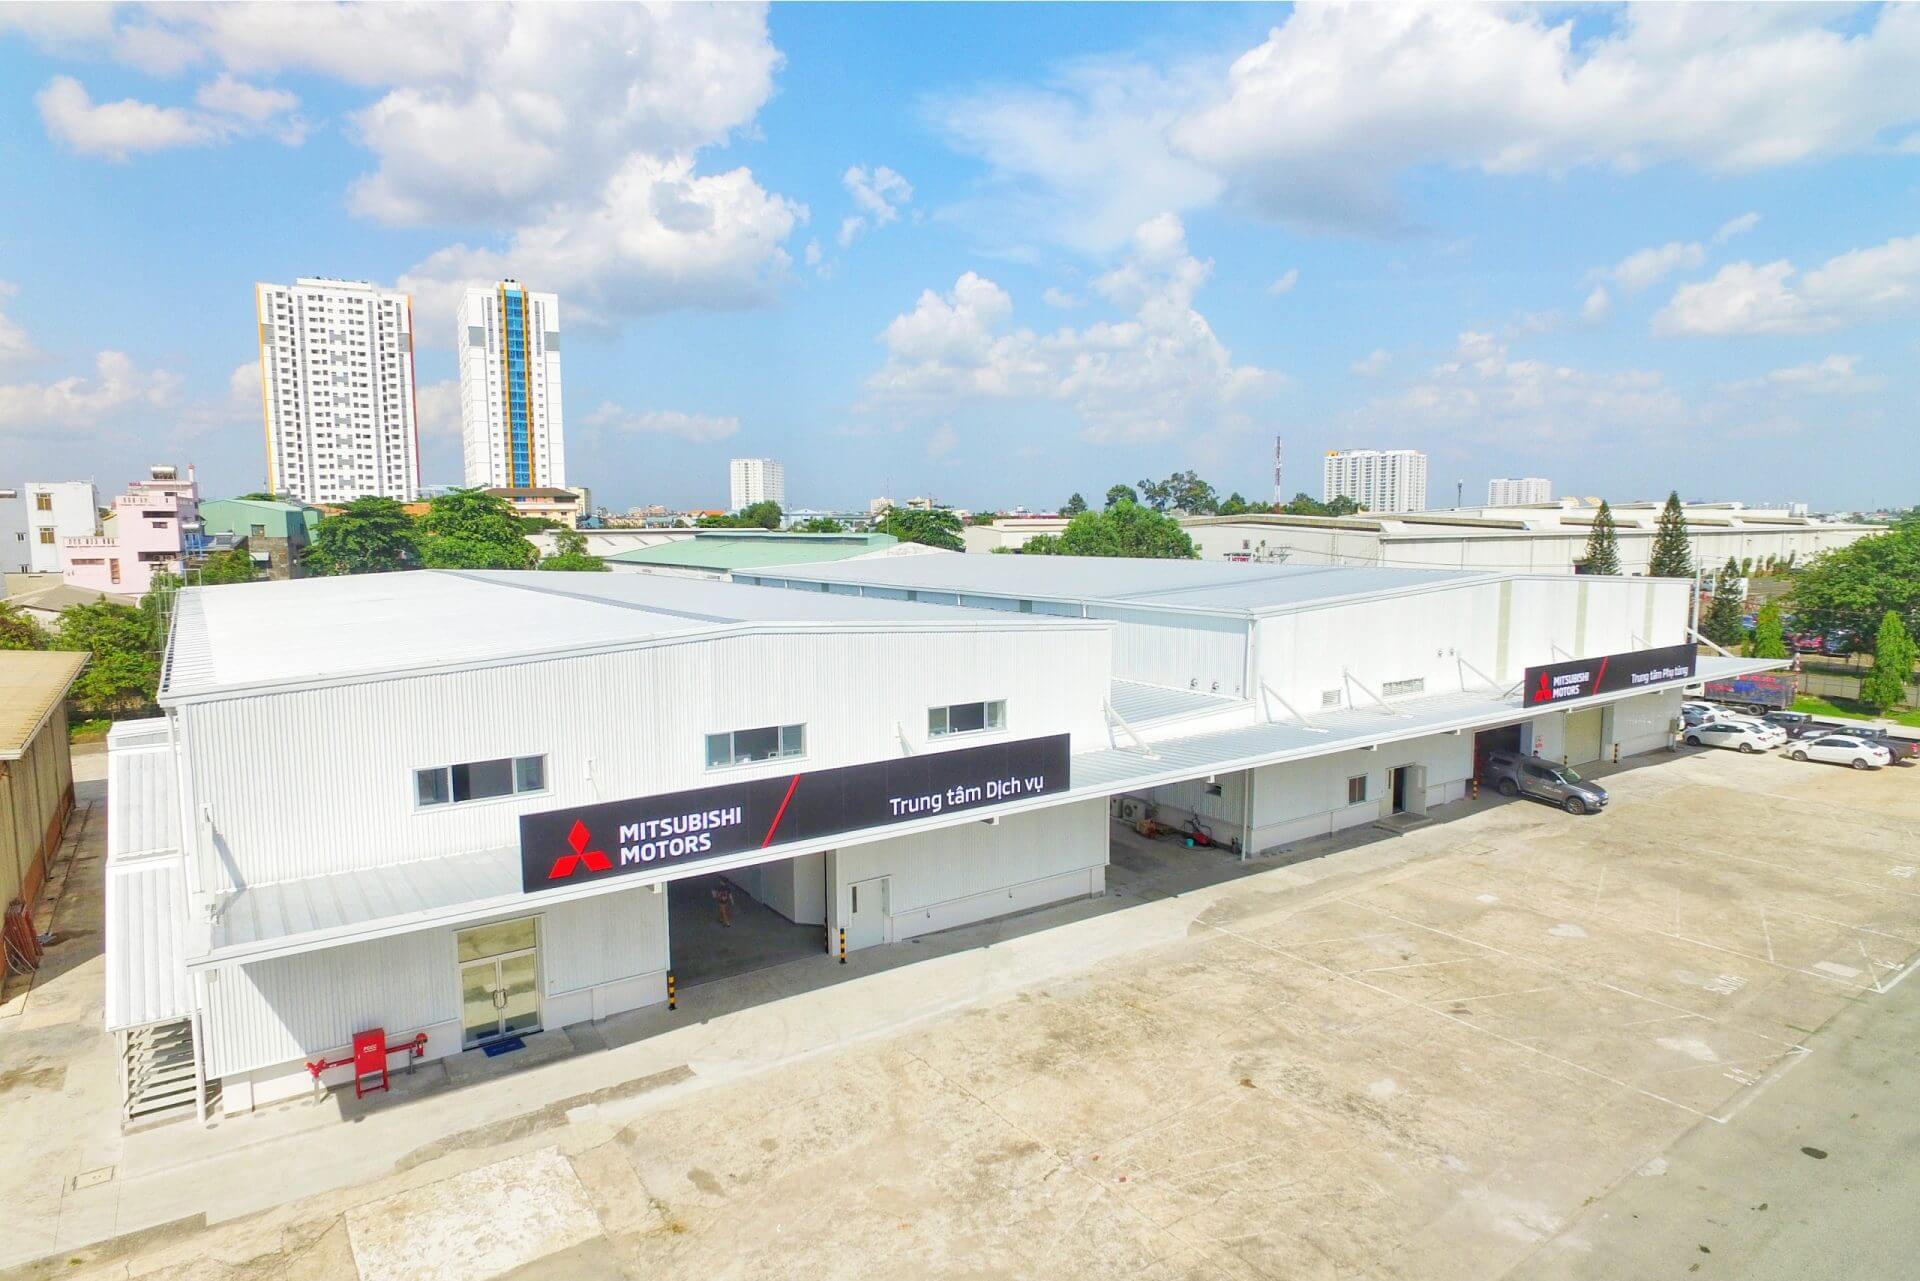 Mitsubishi Motors Việt Nam khai trương Trung tâm Dịch vụ – Phụ tùng và Huấn luyện